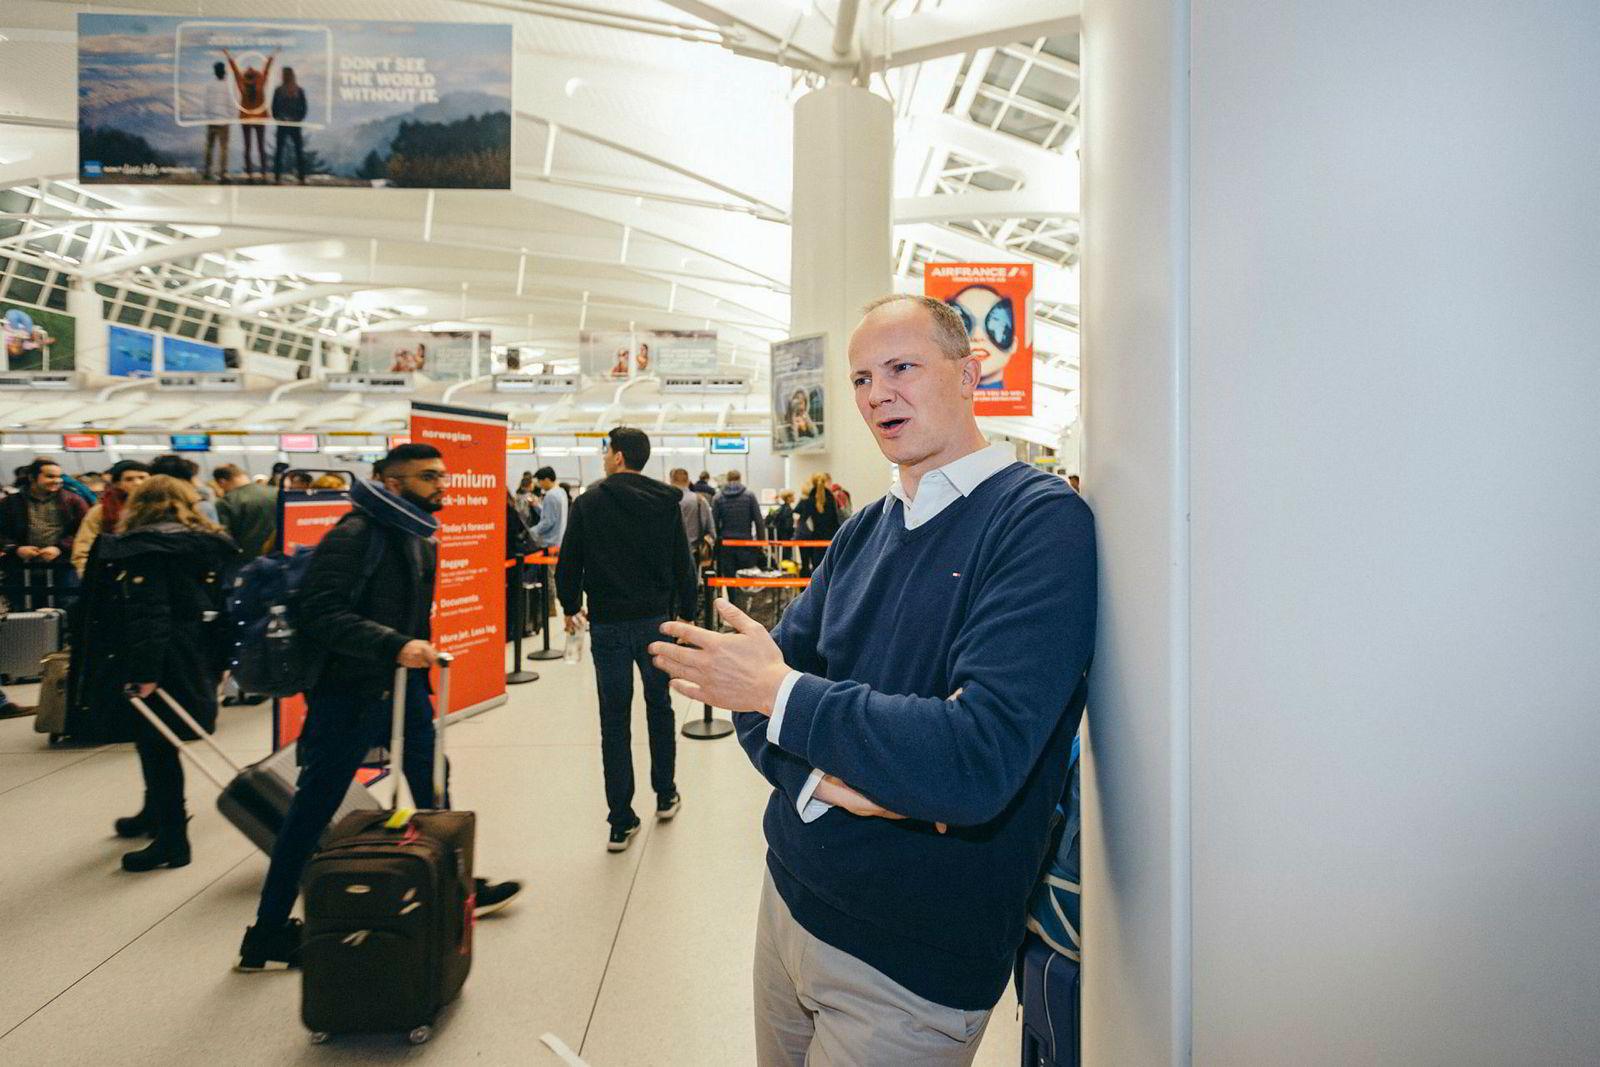 Flyselskapet Norwegian er både stor eier og viktigste kunde for flybemanningsselskapet OSM Aviation. Ketil Solvik-Olsen er på plass for å åpne en pilotskole – blant annet for å rekruttere til Norwegian.